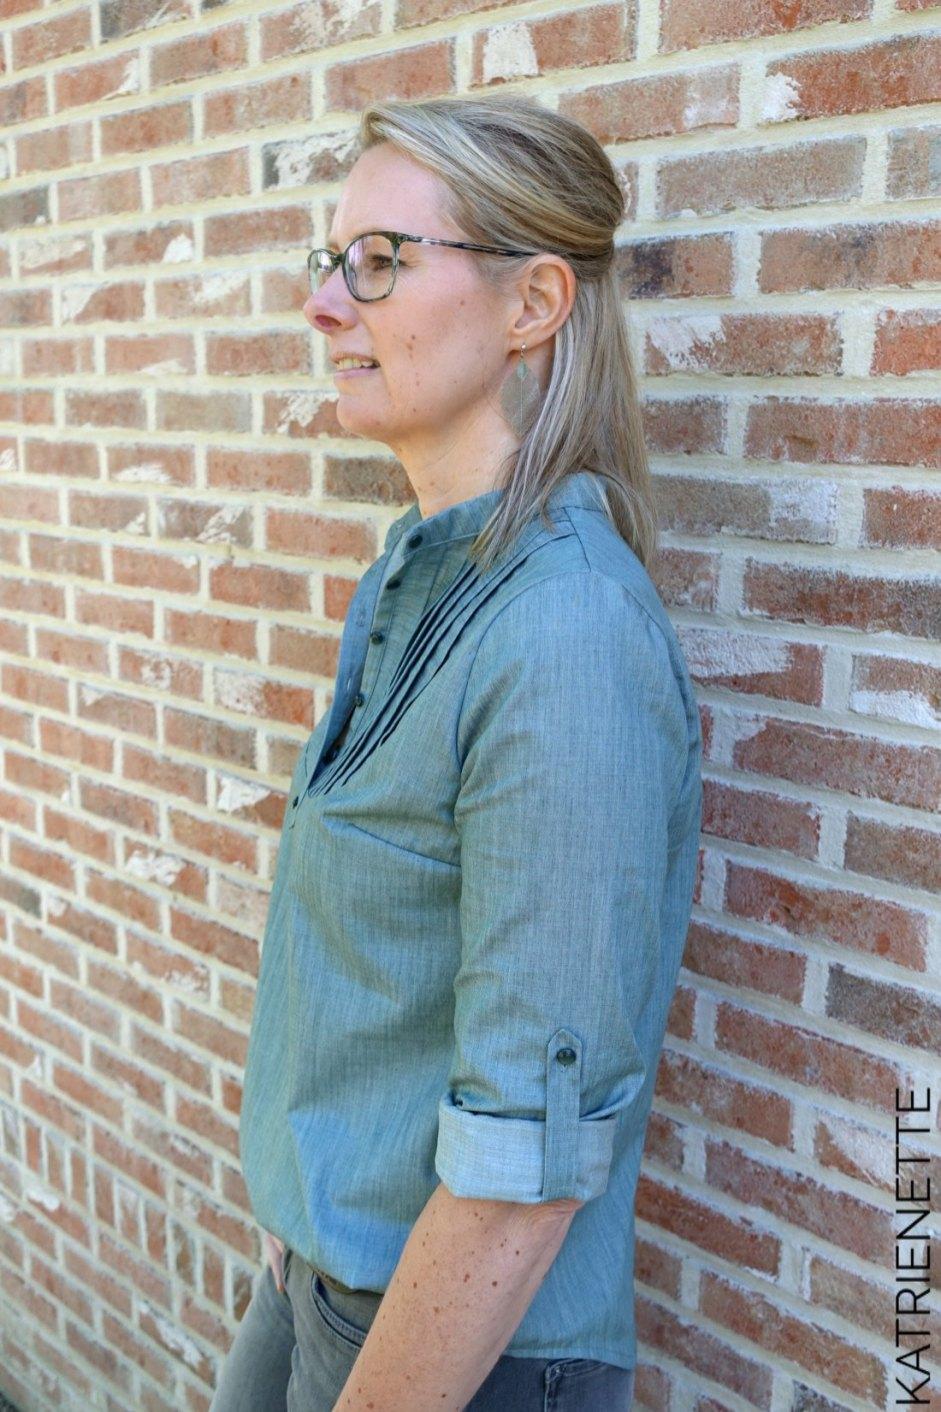 Katrienette carme blouse bloes hemd dames pauline alice Sleeve tab french seam AGF Art gallery solid smooth denim sew along platte plooi franse naad opstaande kraag naaien